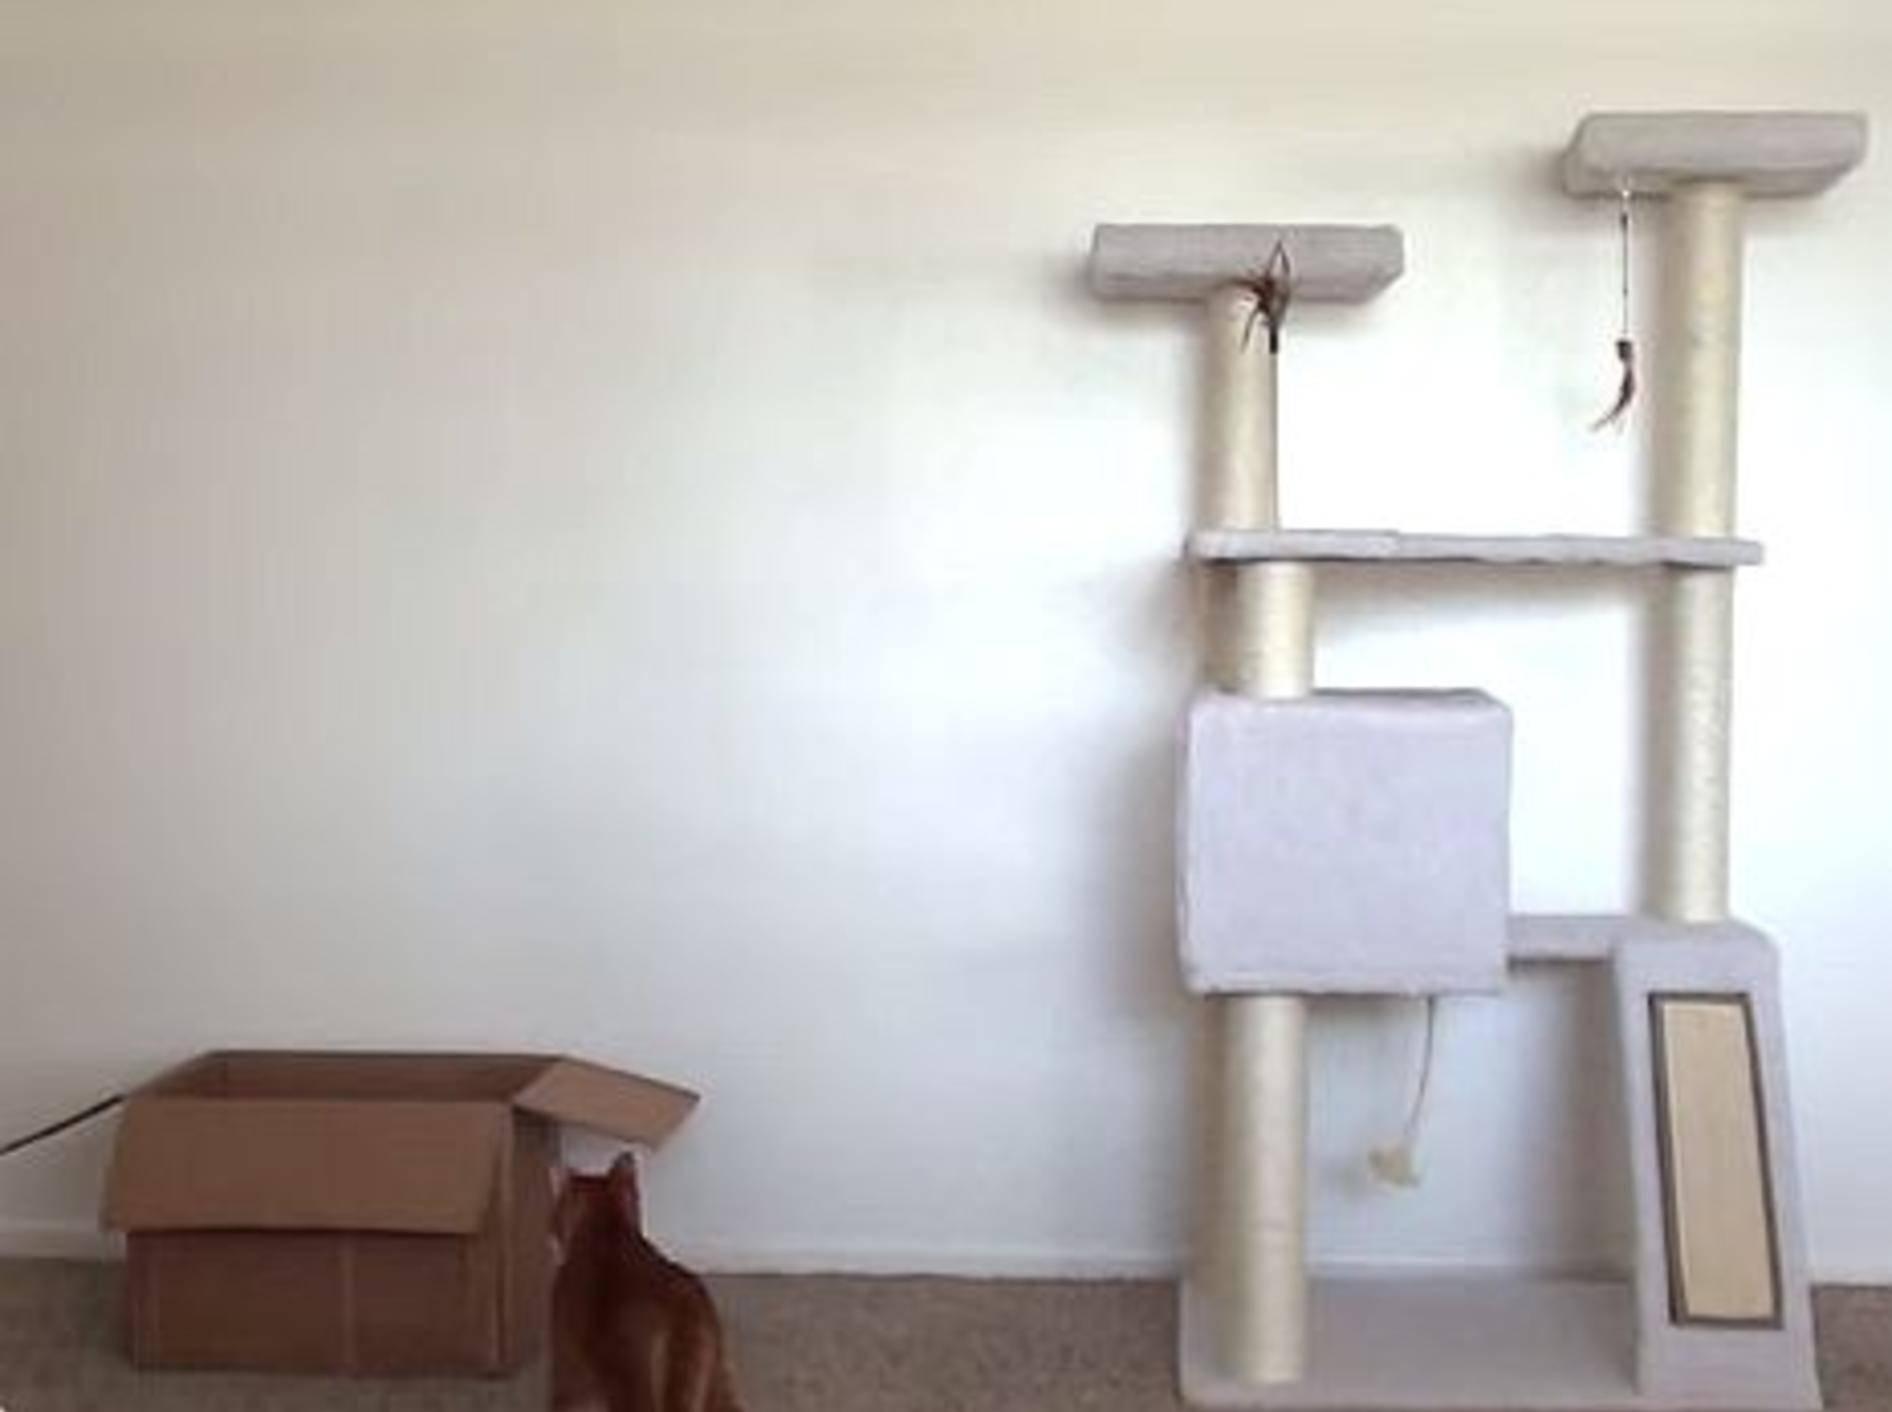 Süße Stubentiger geben Einführung in Katzenlogik – Bild: Youtube / Cole and Marmalade